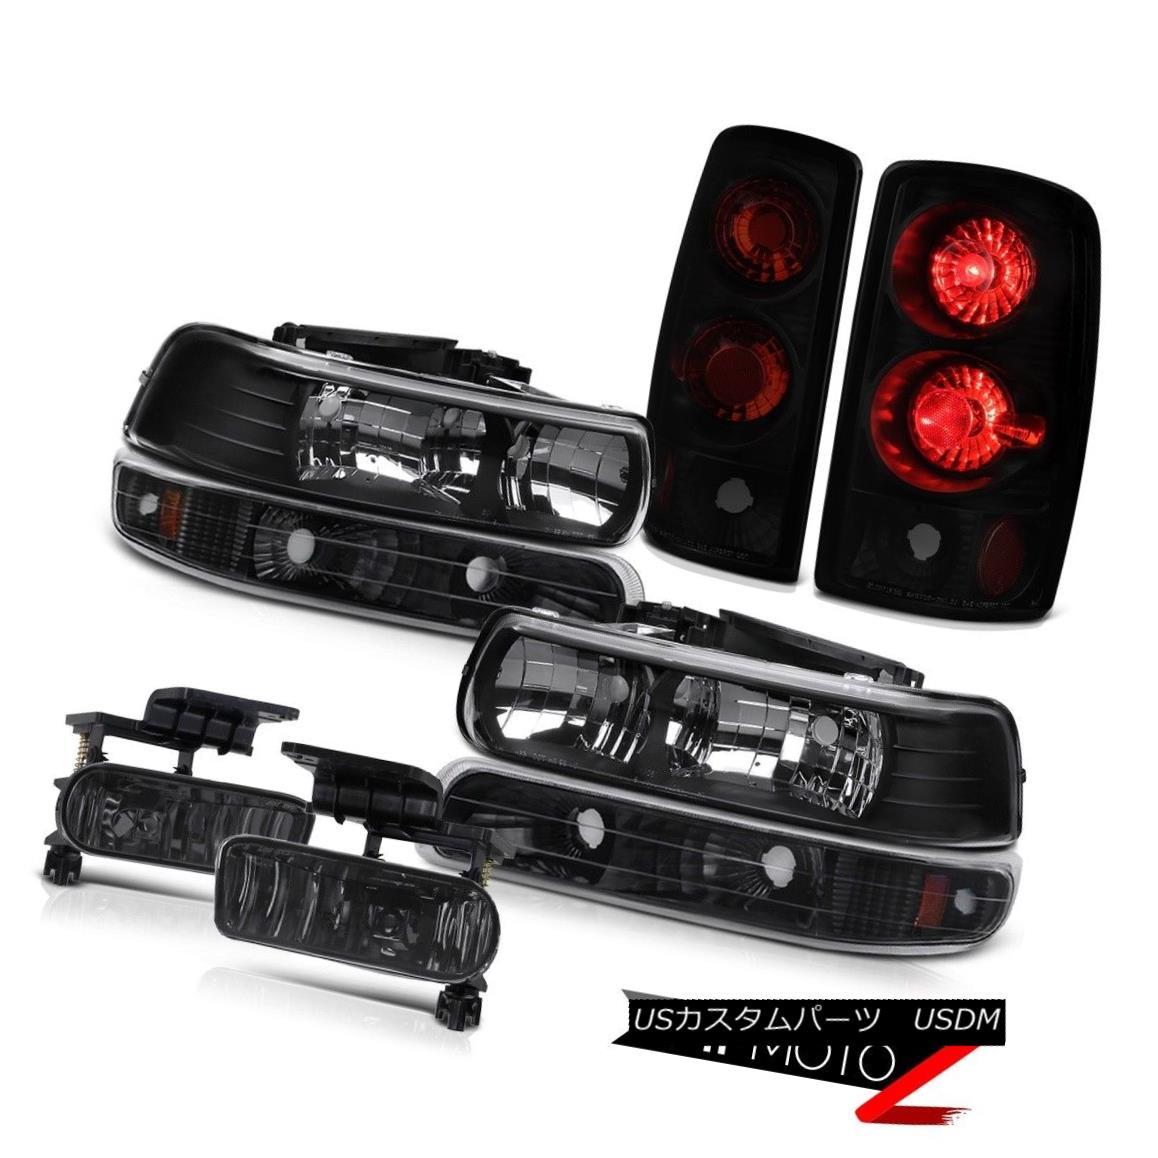 テールライト Pair Black Headlight Parking Rear Brake Tail Lights Foglamps 00-06 Suburban 5.3L ペアブラックヘッドライトパーキングリアブレーキテールライトフォグランプ00-06郊外5.3L